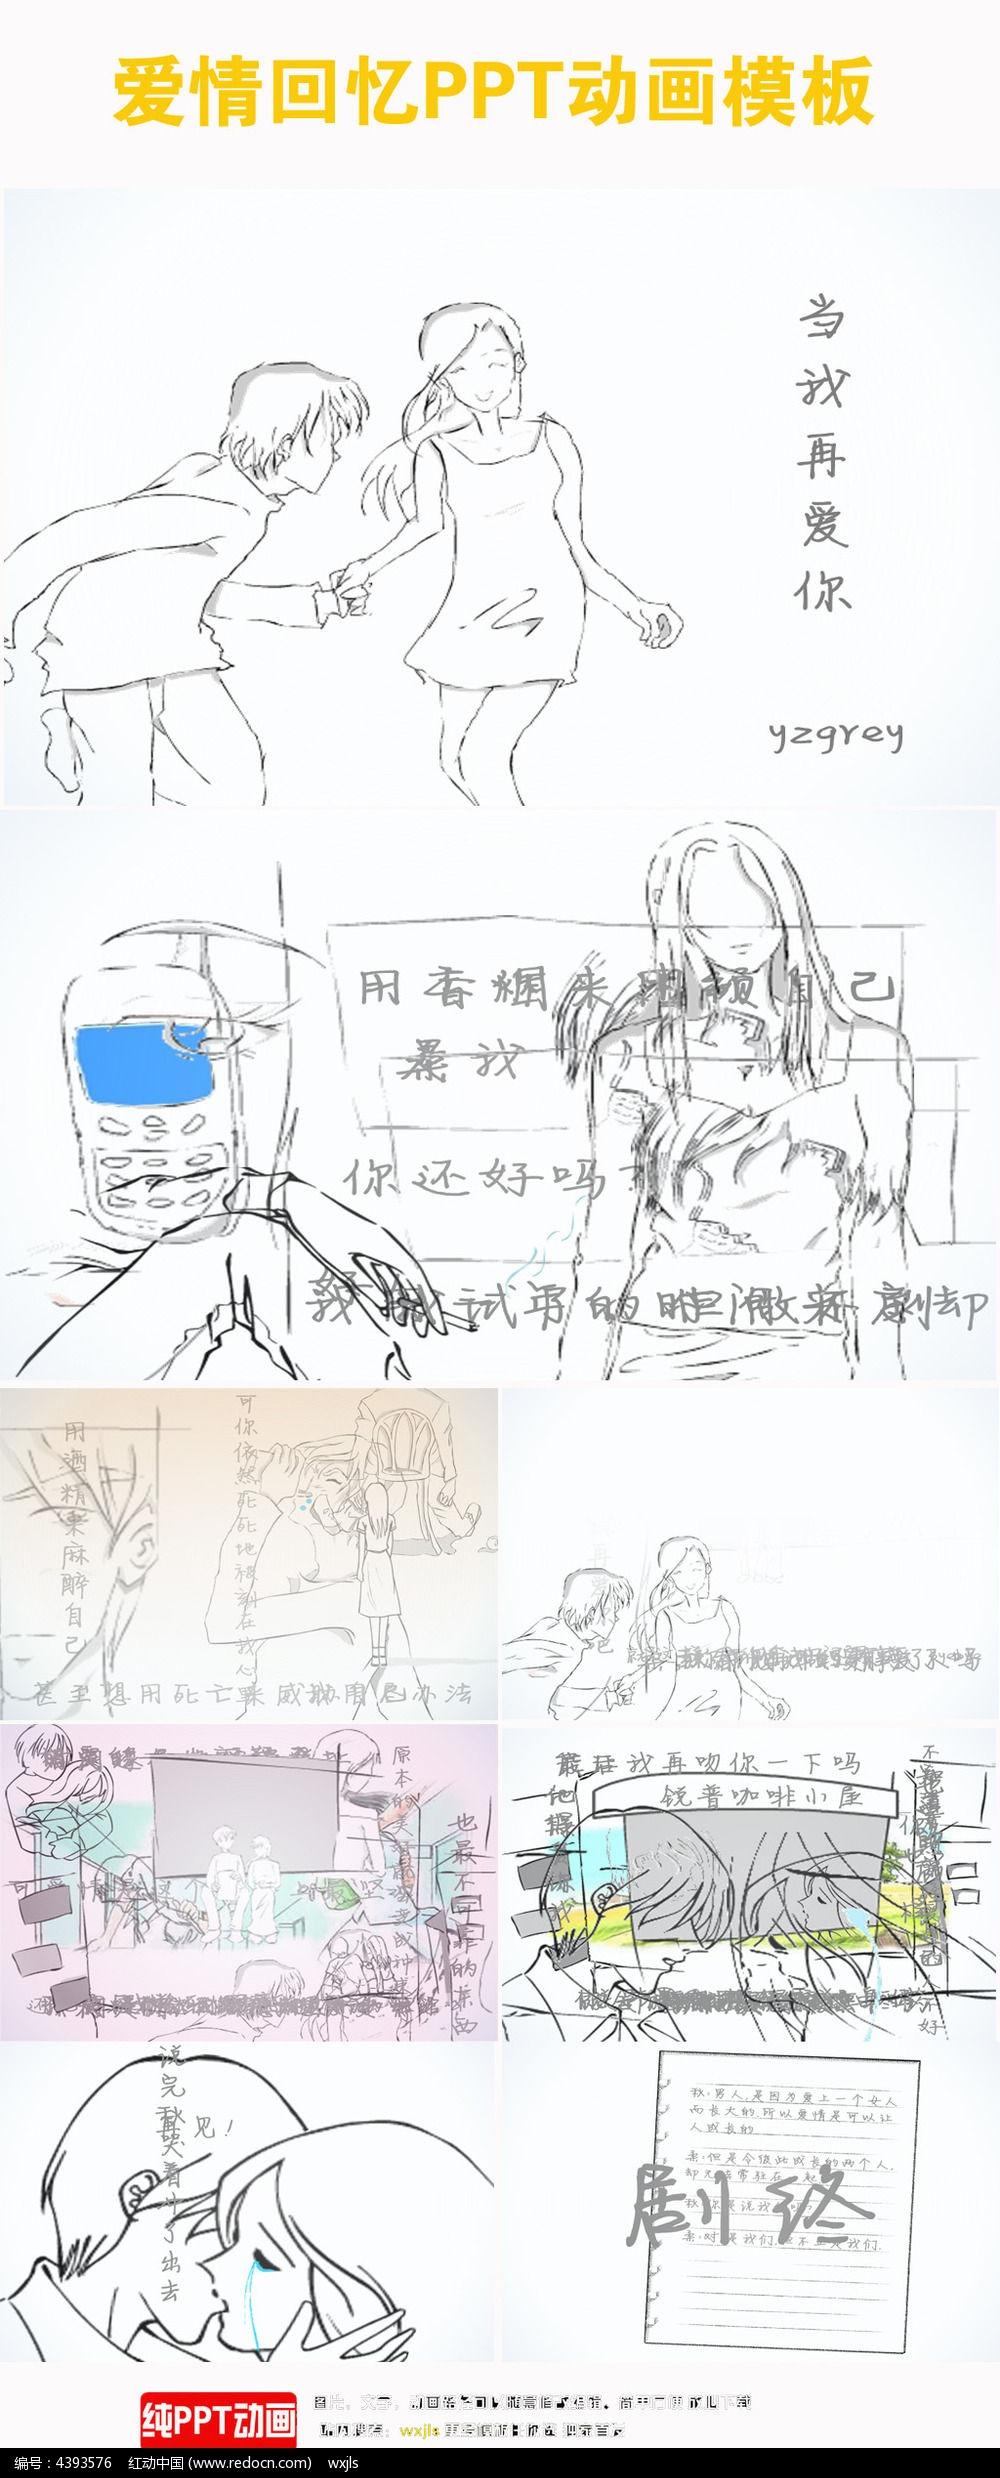 手绘浪漫爱情回忆故事ppt动画视频模板